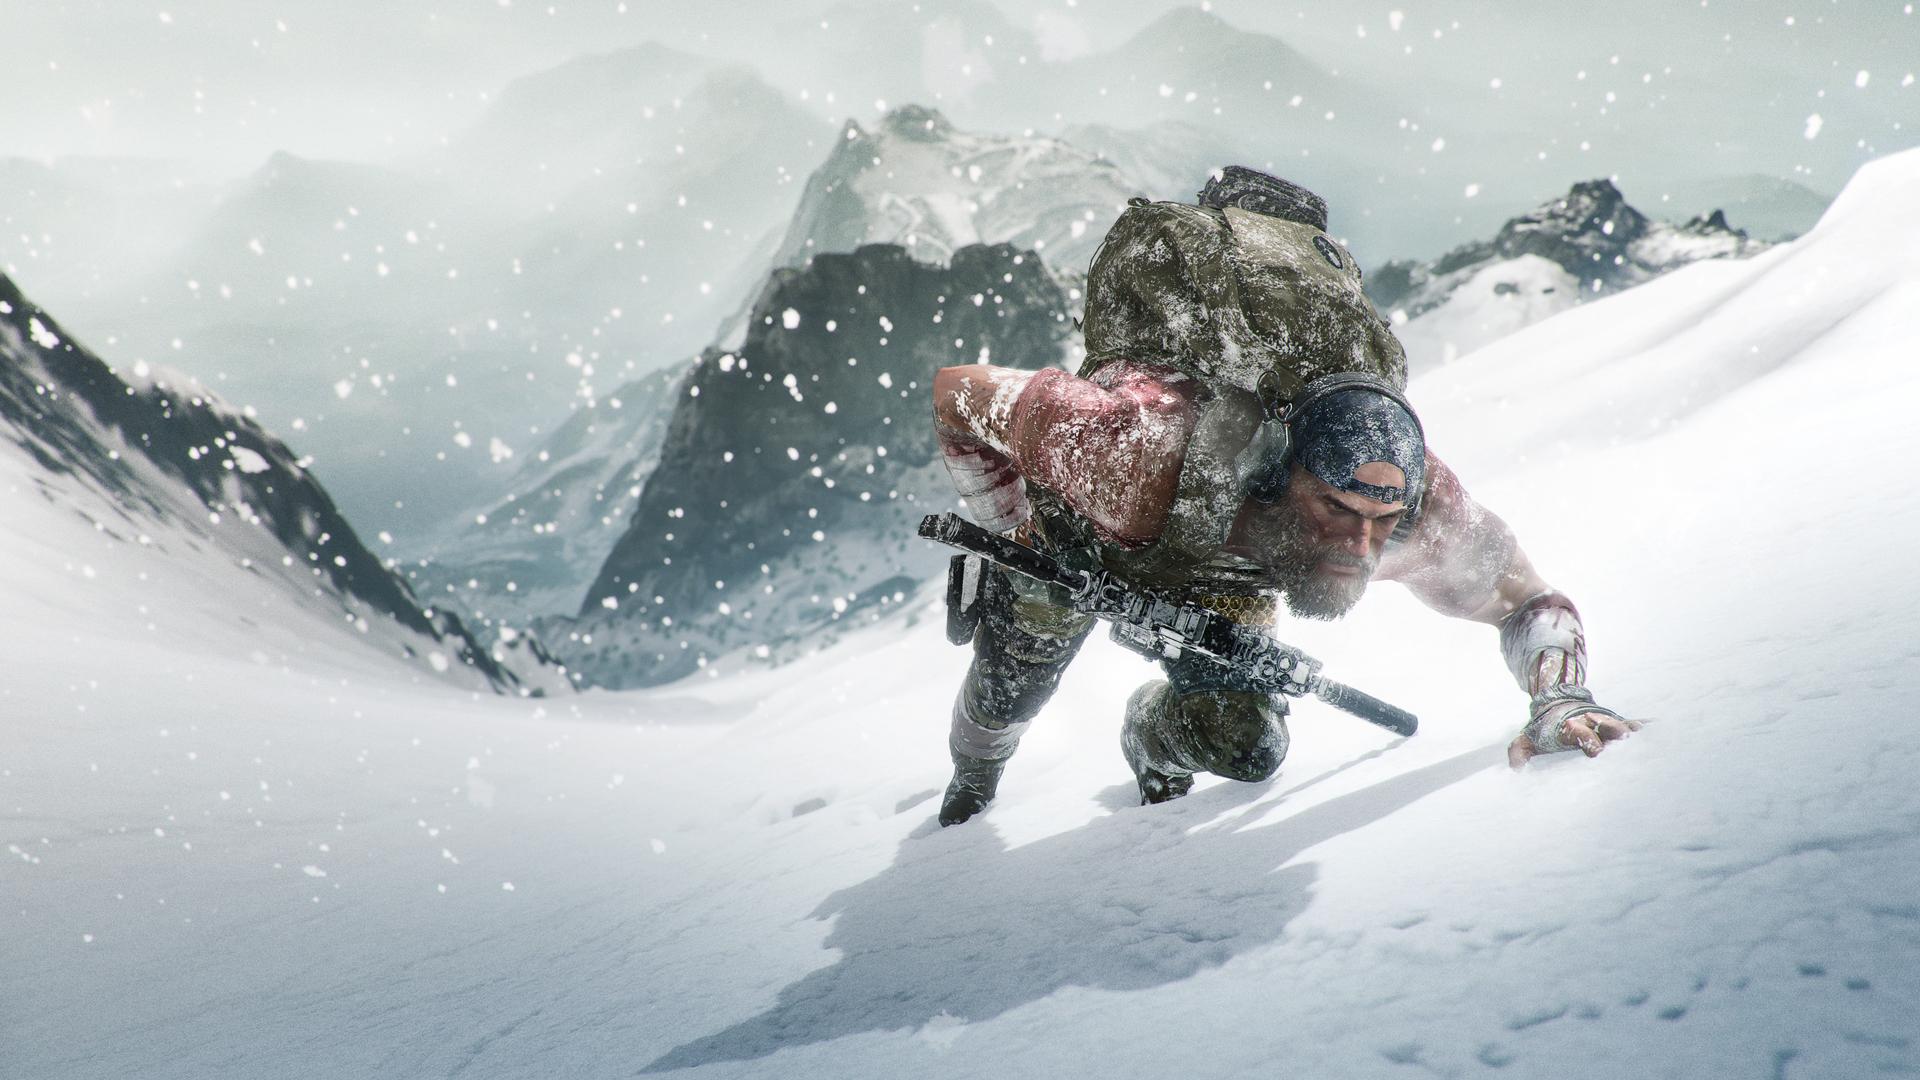 Ubisoft огласила список игр, о которых расскажет на E3, и намекнула на пару анонсов